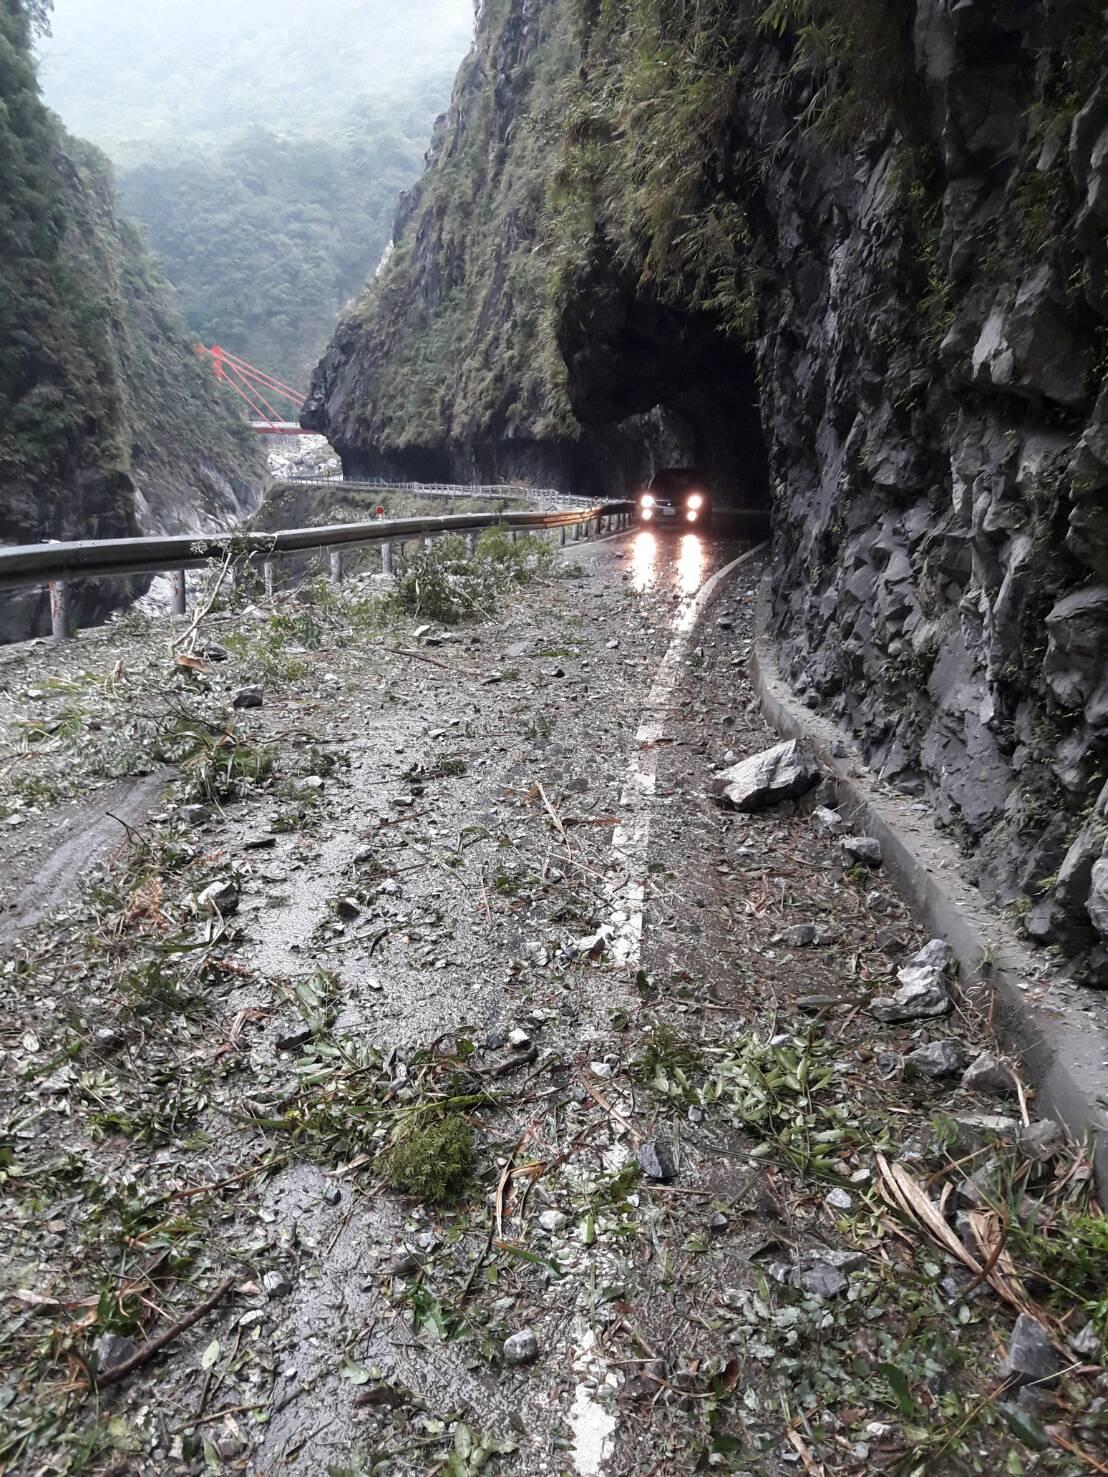 taipei_quake_update_road.jpg